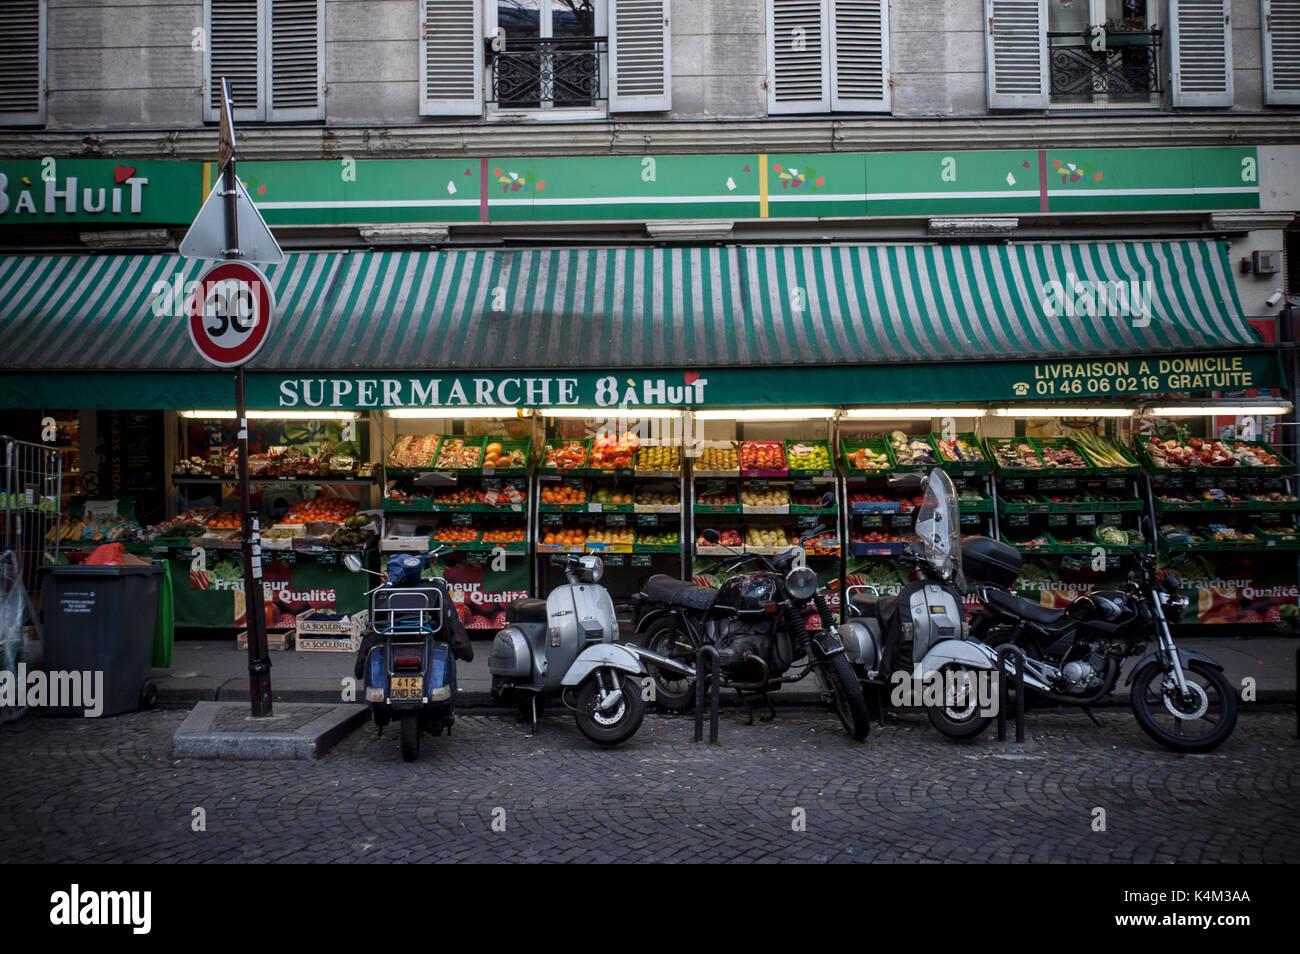 SMALL SUPERMARKET IN PARIS MONTMARTRE - 'SUPERETTE' IS THE FRENCH NAME FOR URBAN GROCERIES - PARIS SHOP -PARIS STREET - PARIS FOOD © Frédéric BEAUMONT - Stock Image